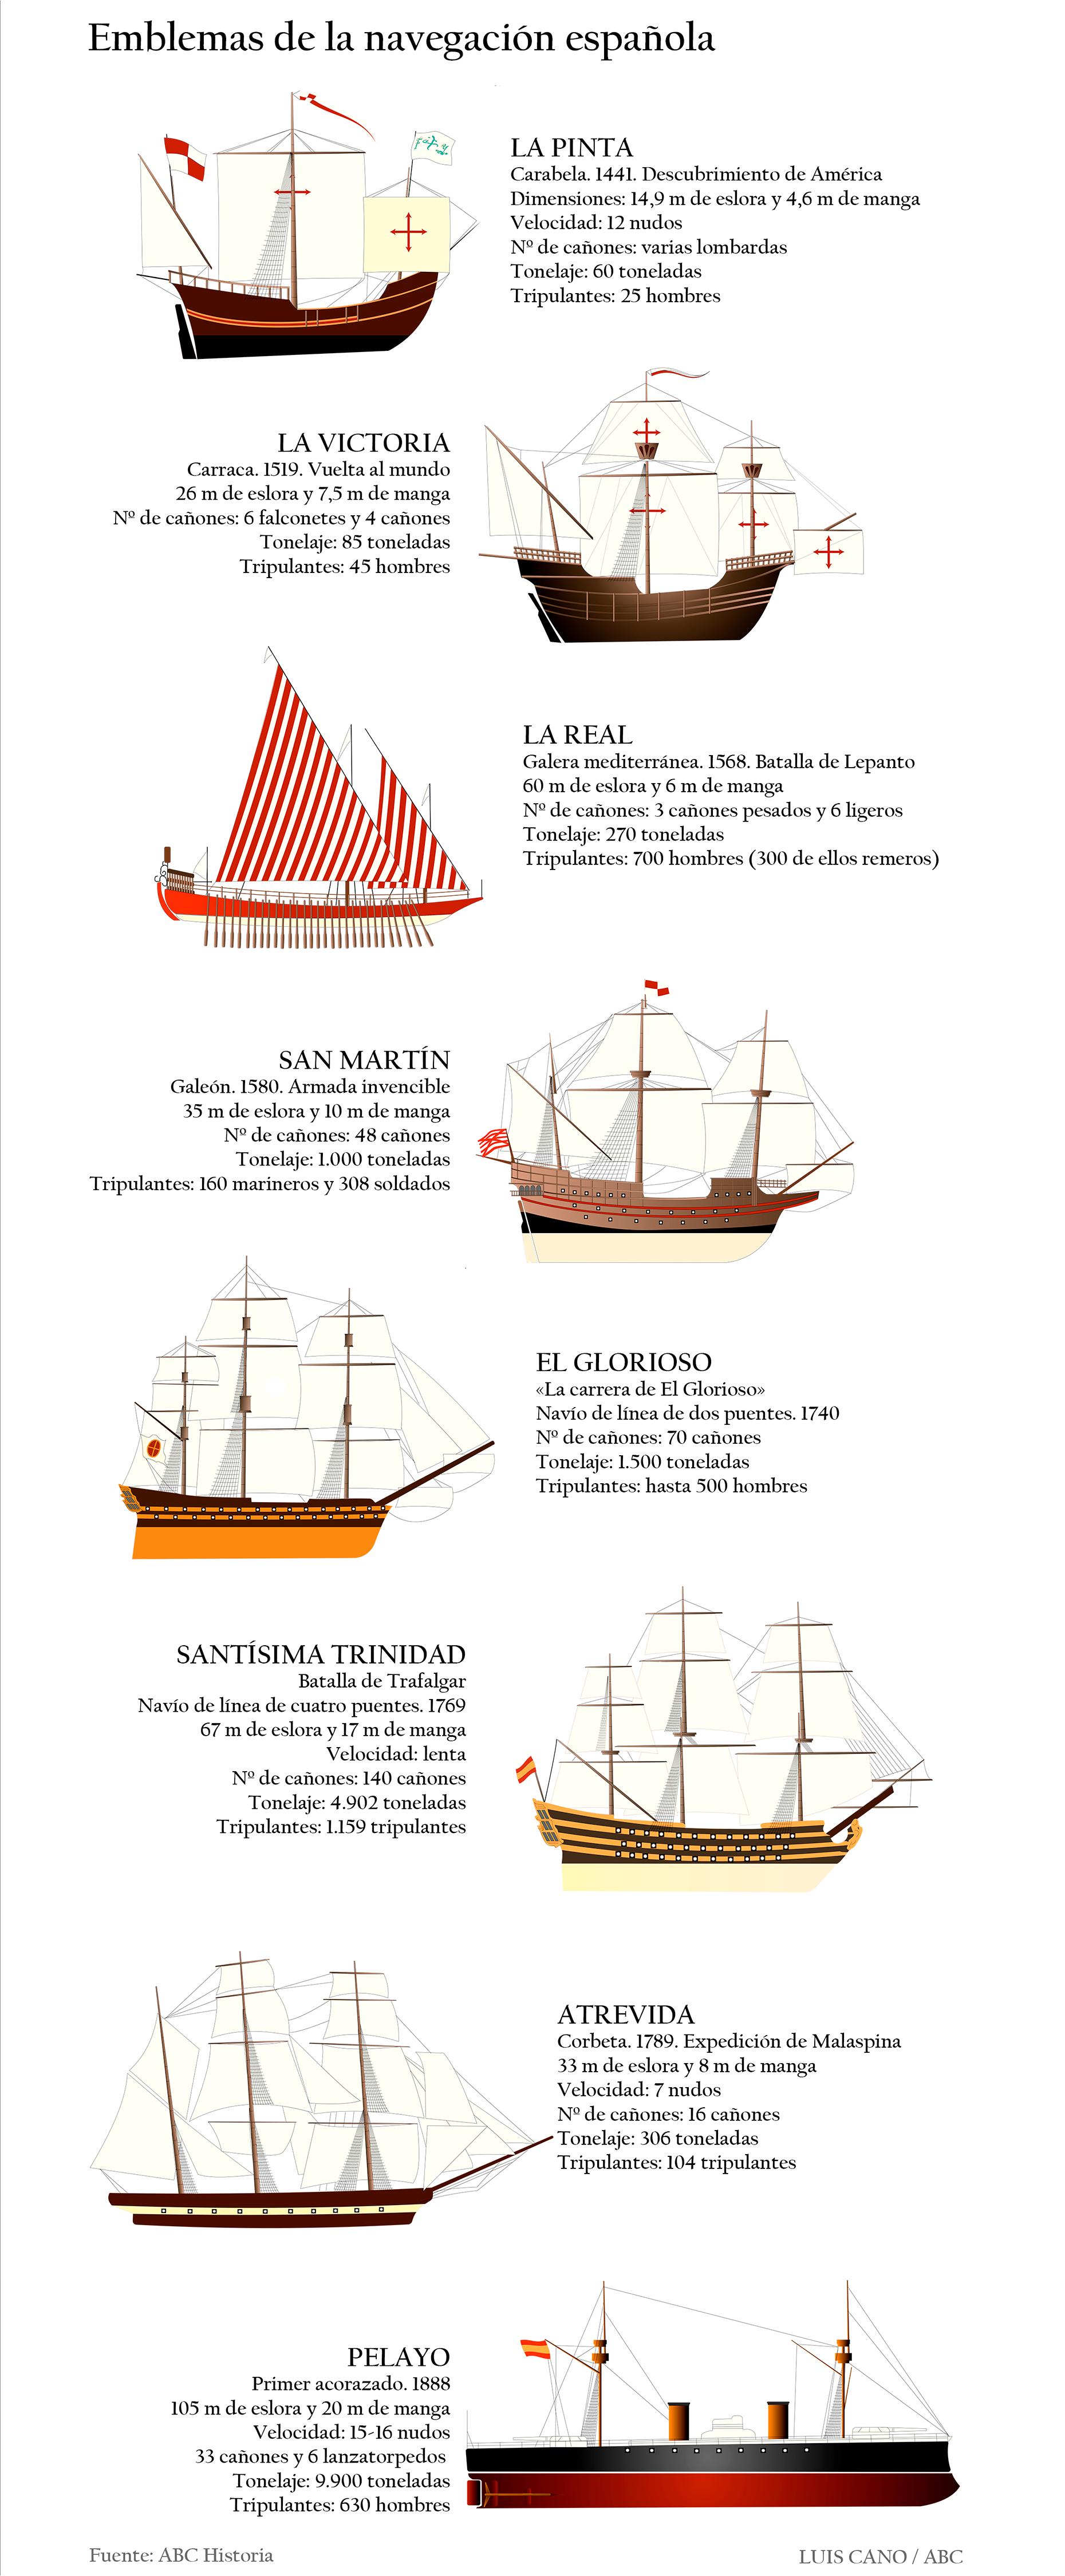 Las naves con las que el Imperio español dominó los mares del mundo durante siglos